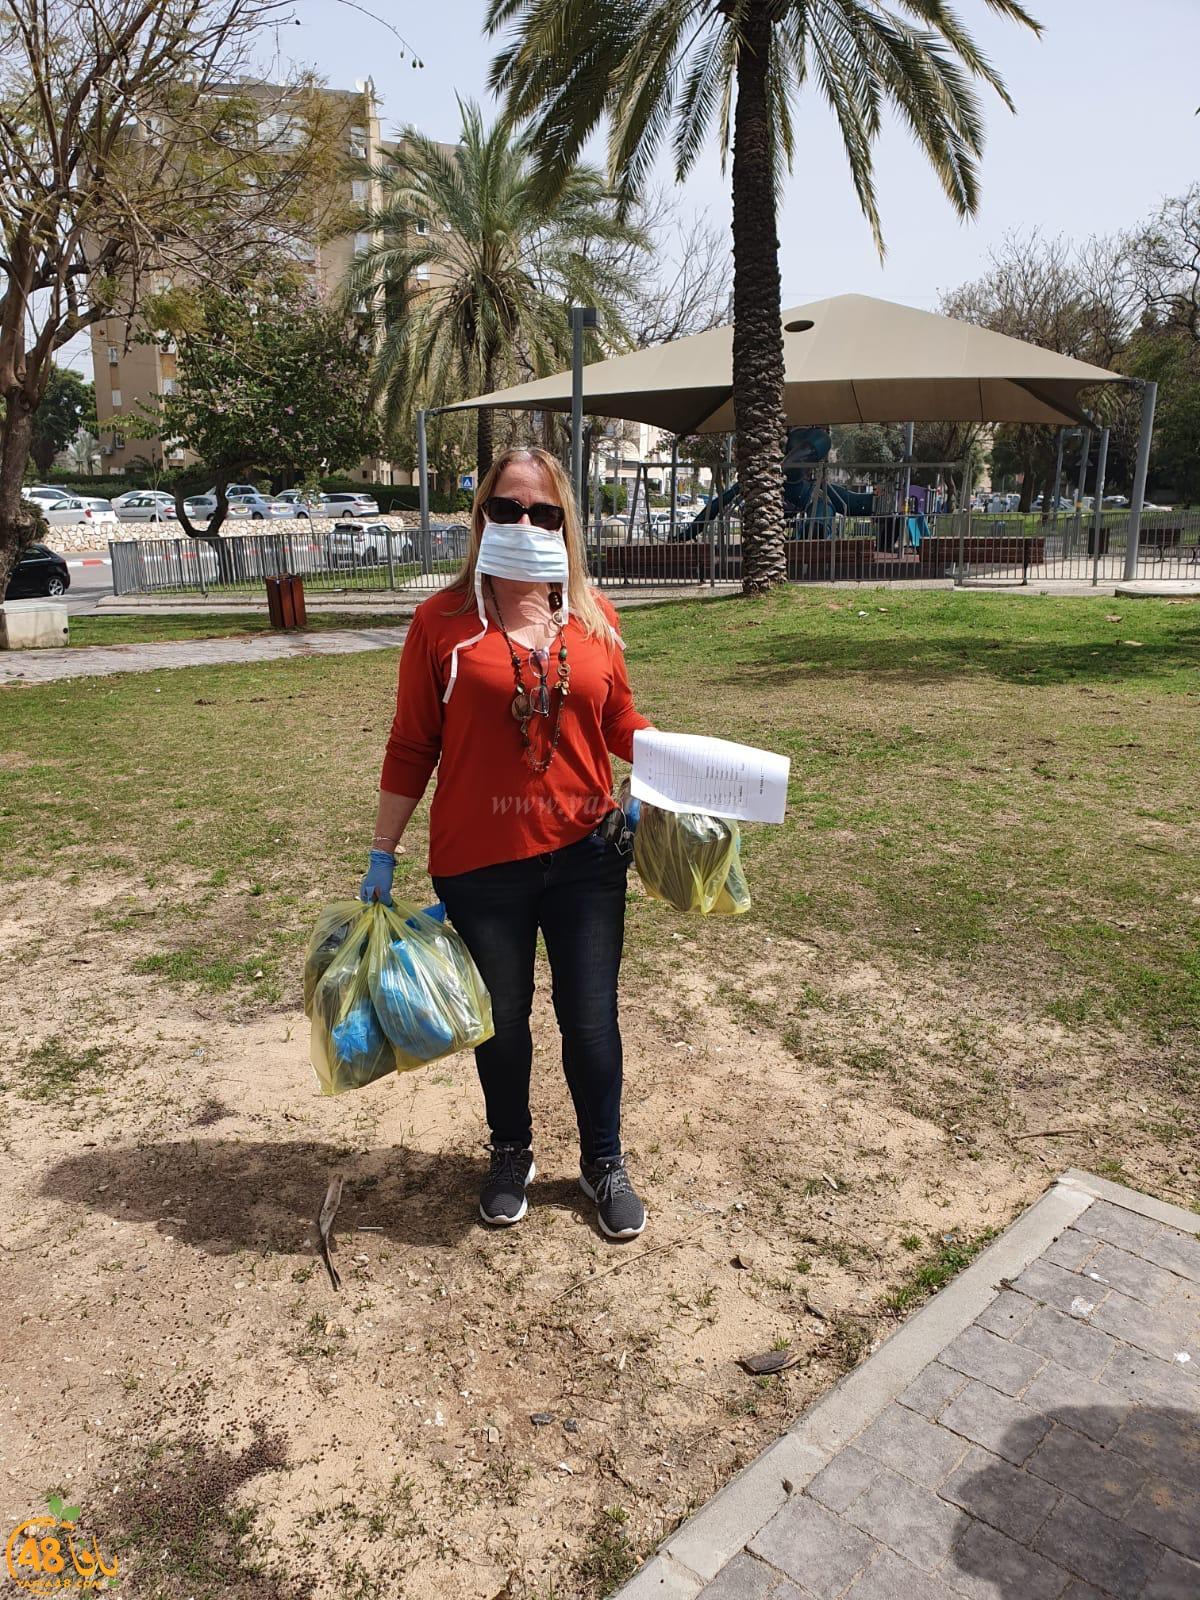 نحن نحتاجك - شباب من يافا يتطوعون لمساعدة المسنين في المدينة